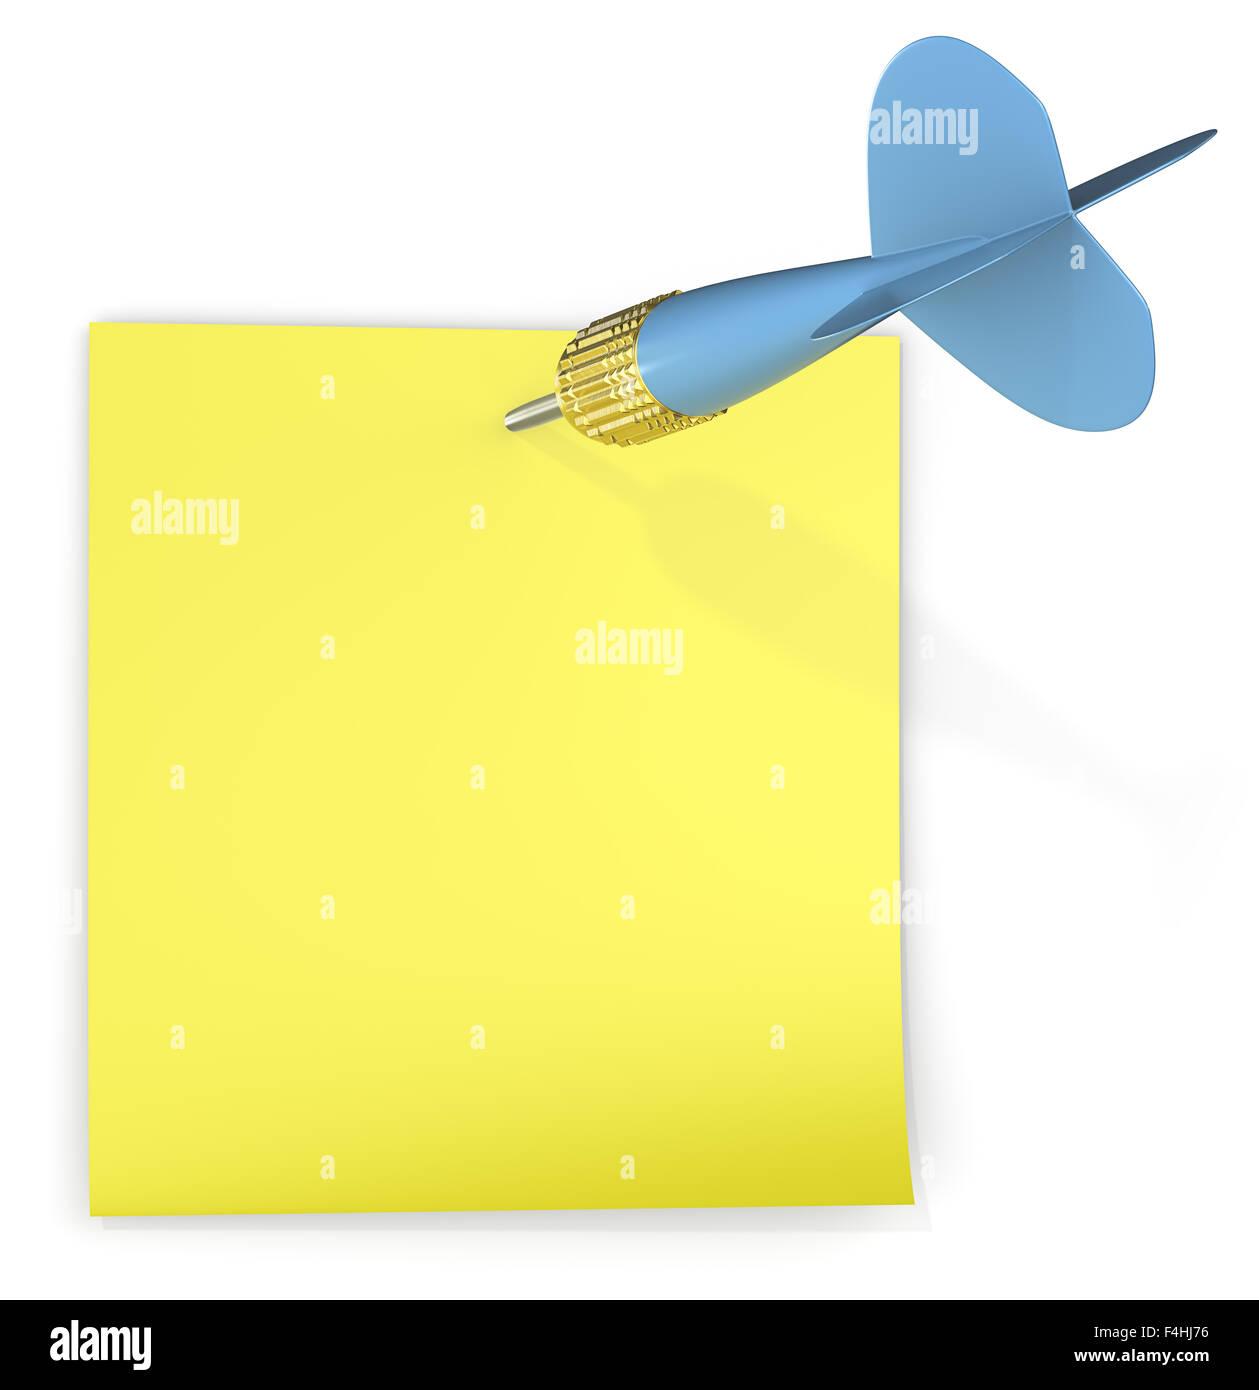 Bigliettino giallo attaccato con blu freccia DART. Copia dello spazio. Immagini Stock